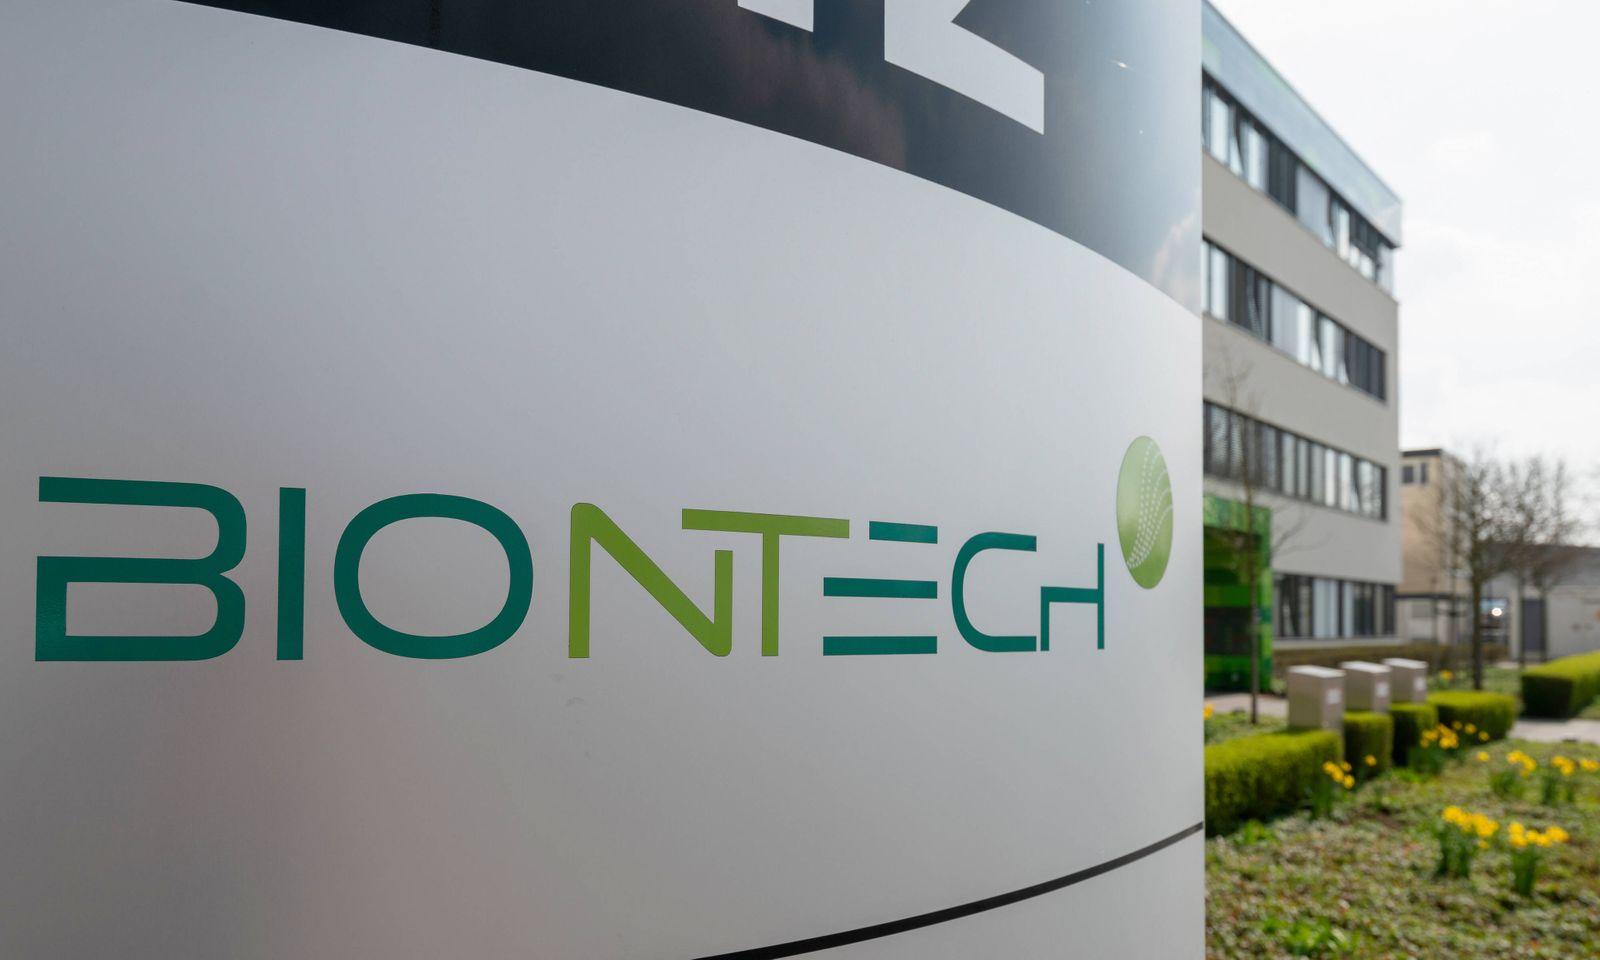 Feature Biontech 17.03.2020, Mainz: Biontech, der Mainzer Spezialist für Immuntherapien, legt im weltweiten Kampf gegen